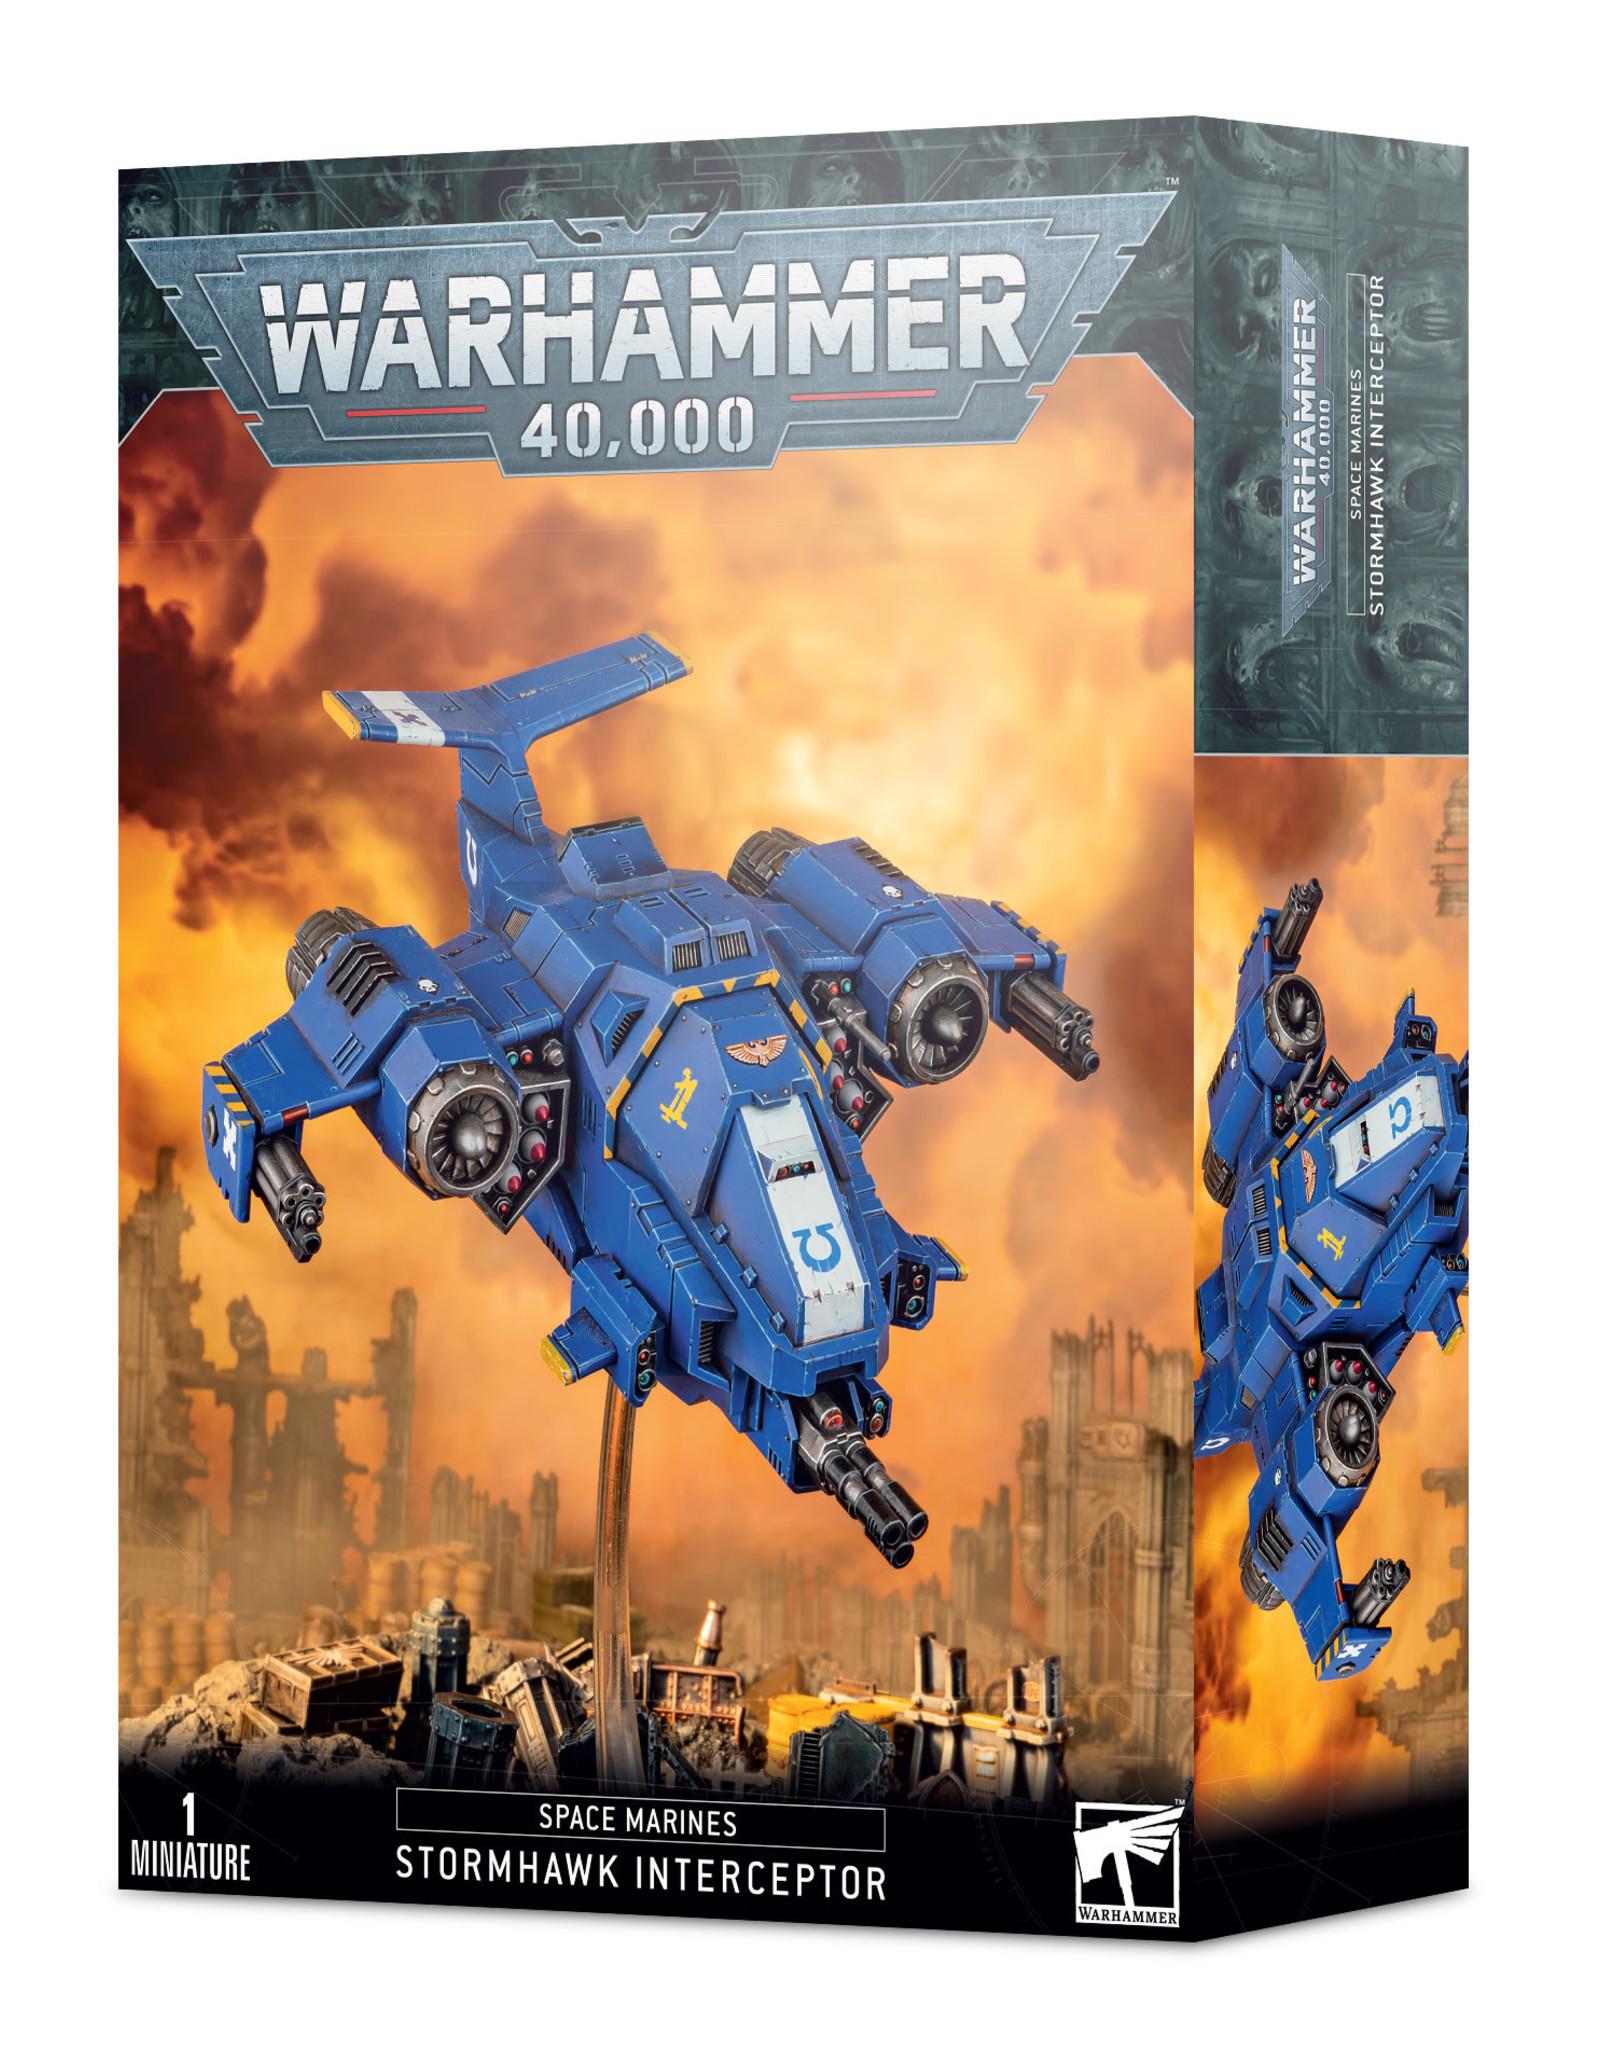 Games Workshop Warhammer 40k Space Marine Stormhawk Interceptor